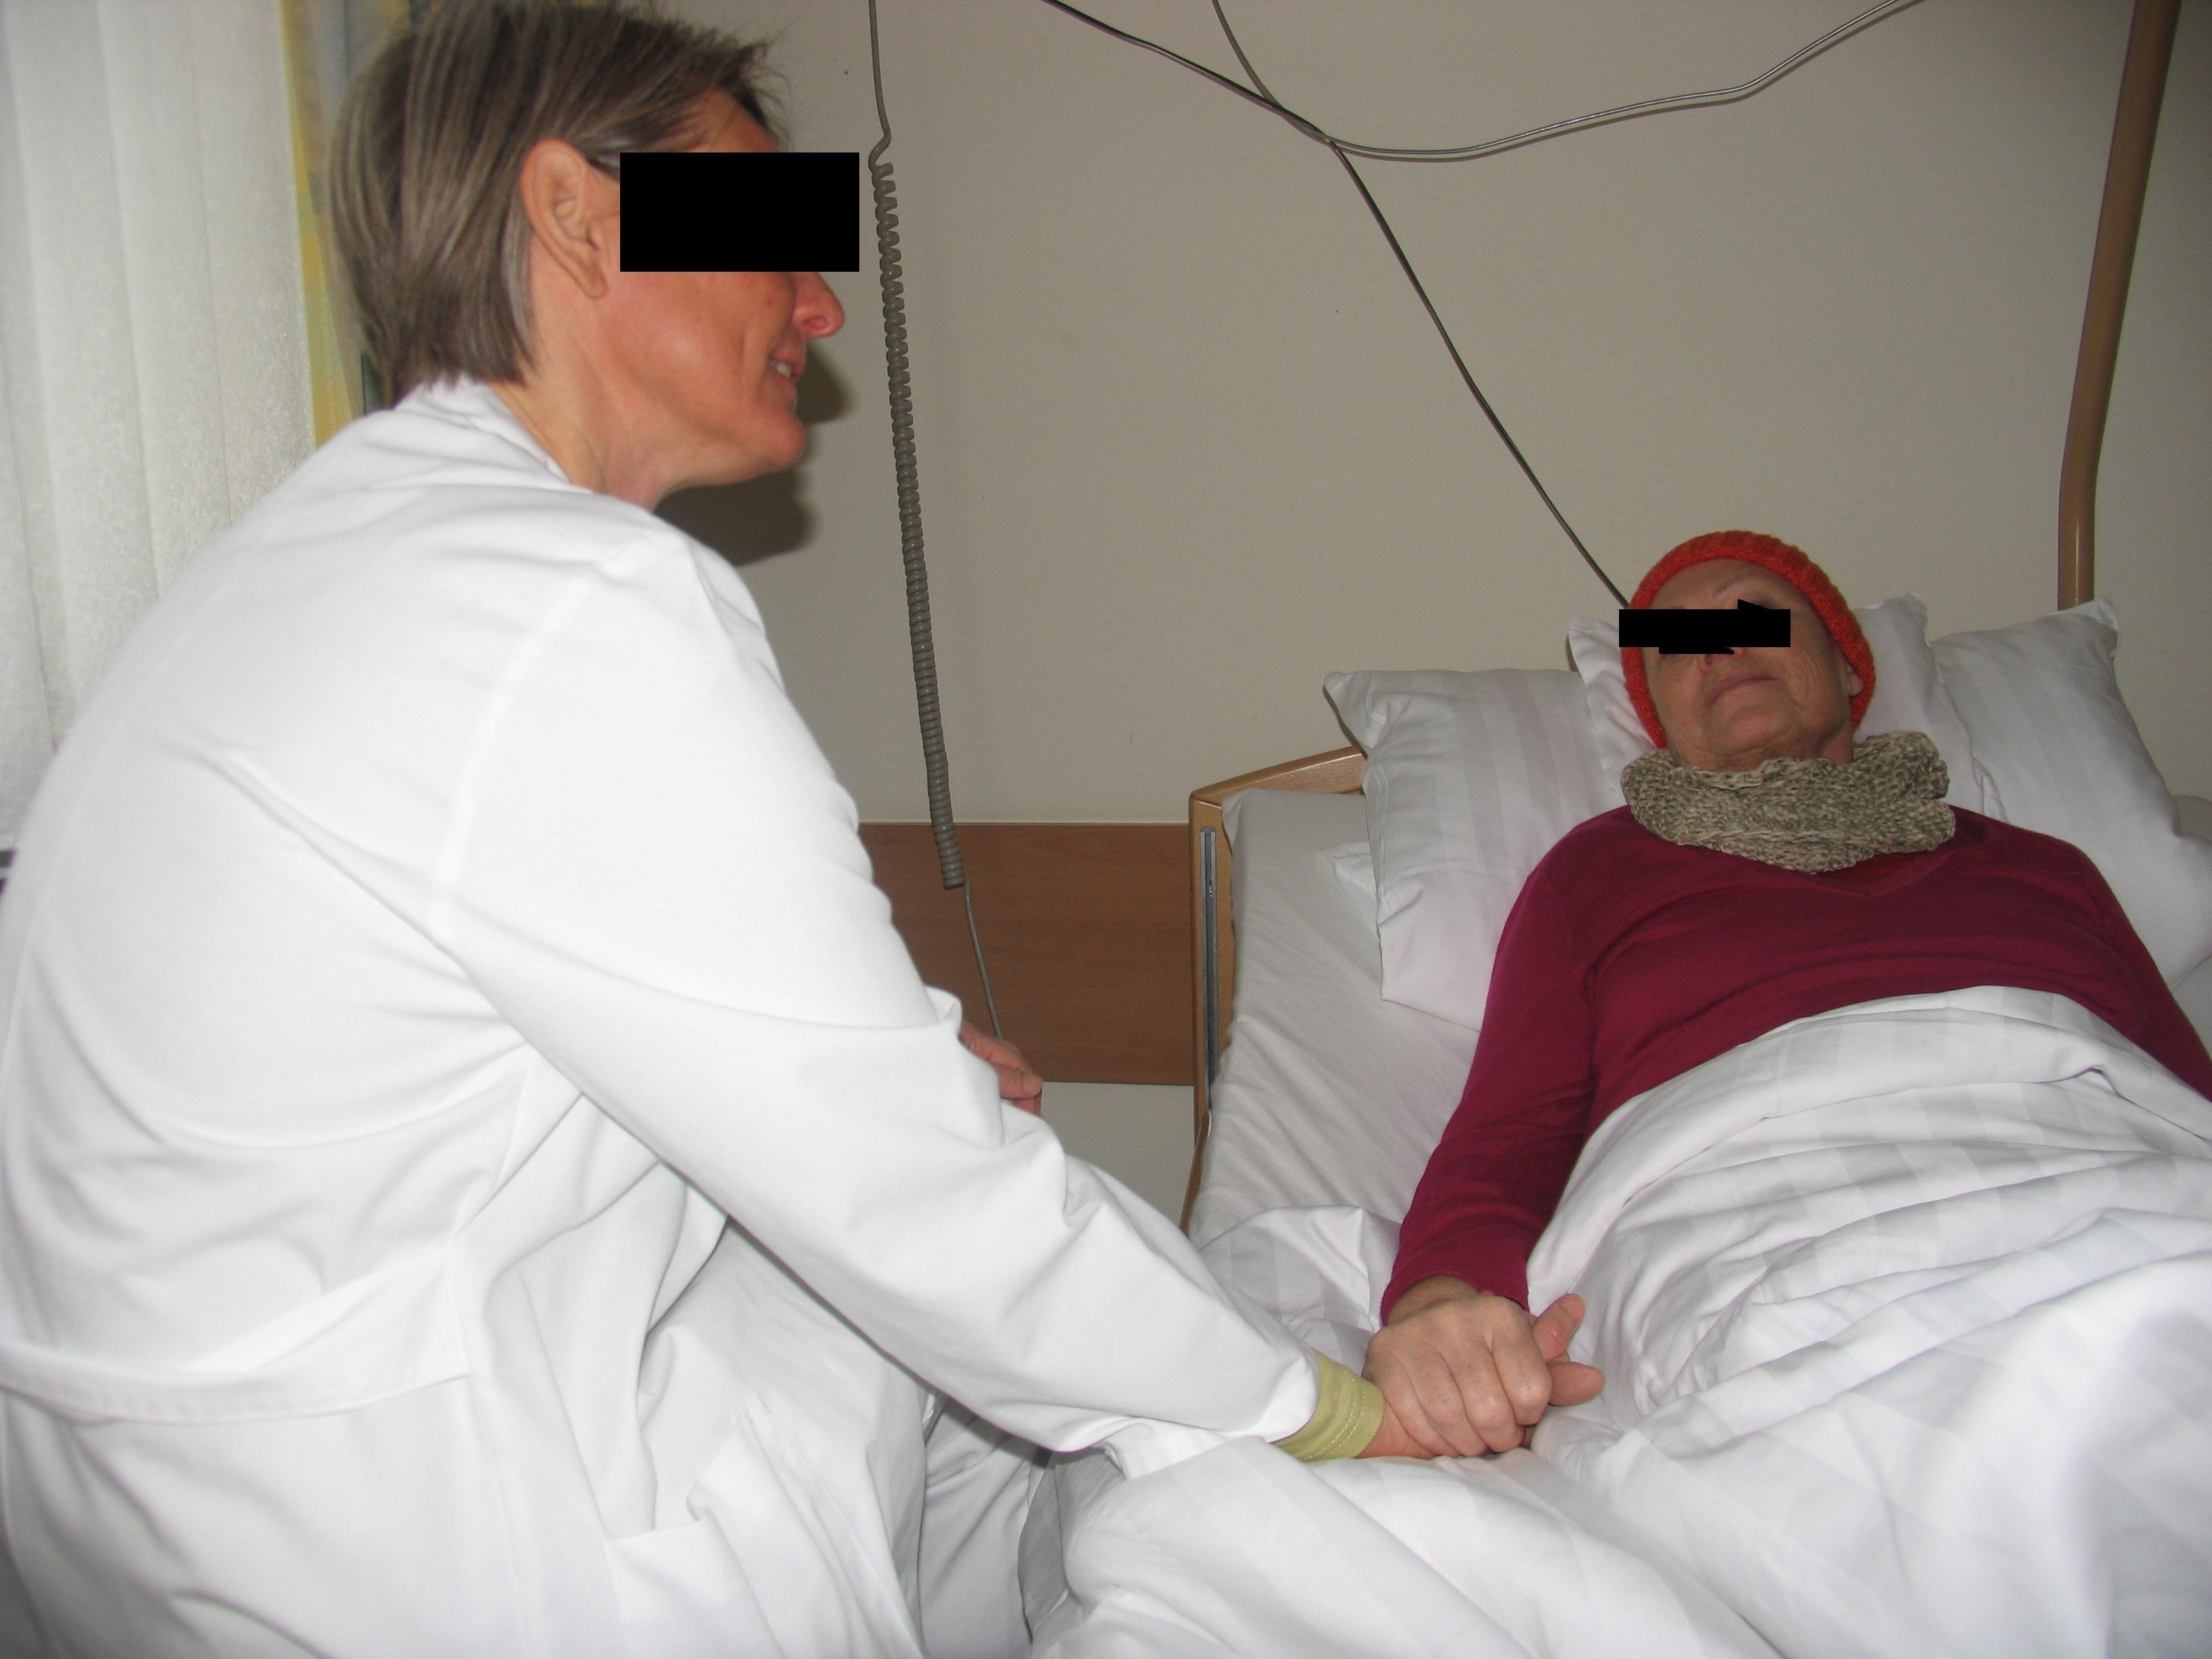 Patientenverfügungen und andere Vorsorgeregelungen